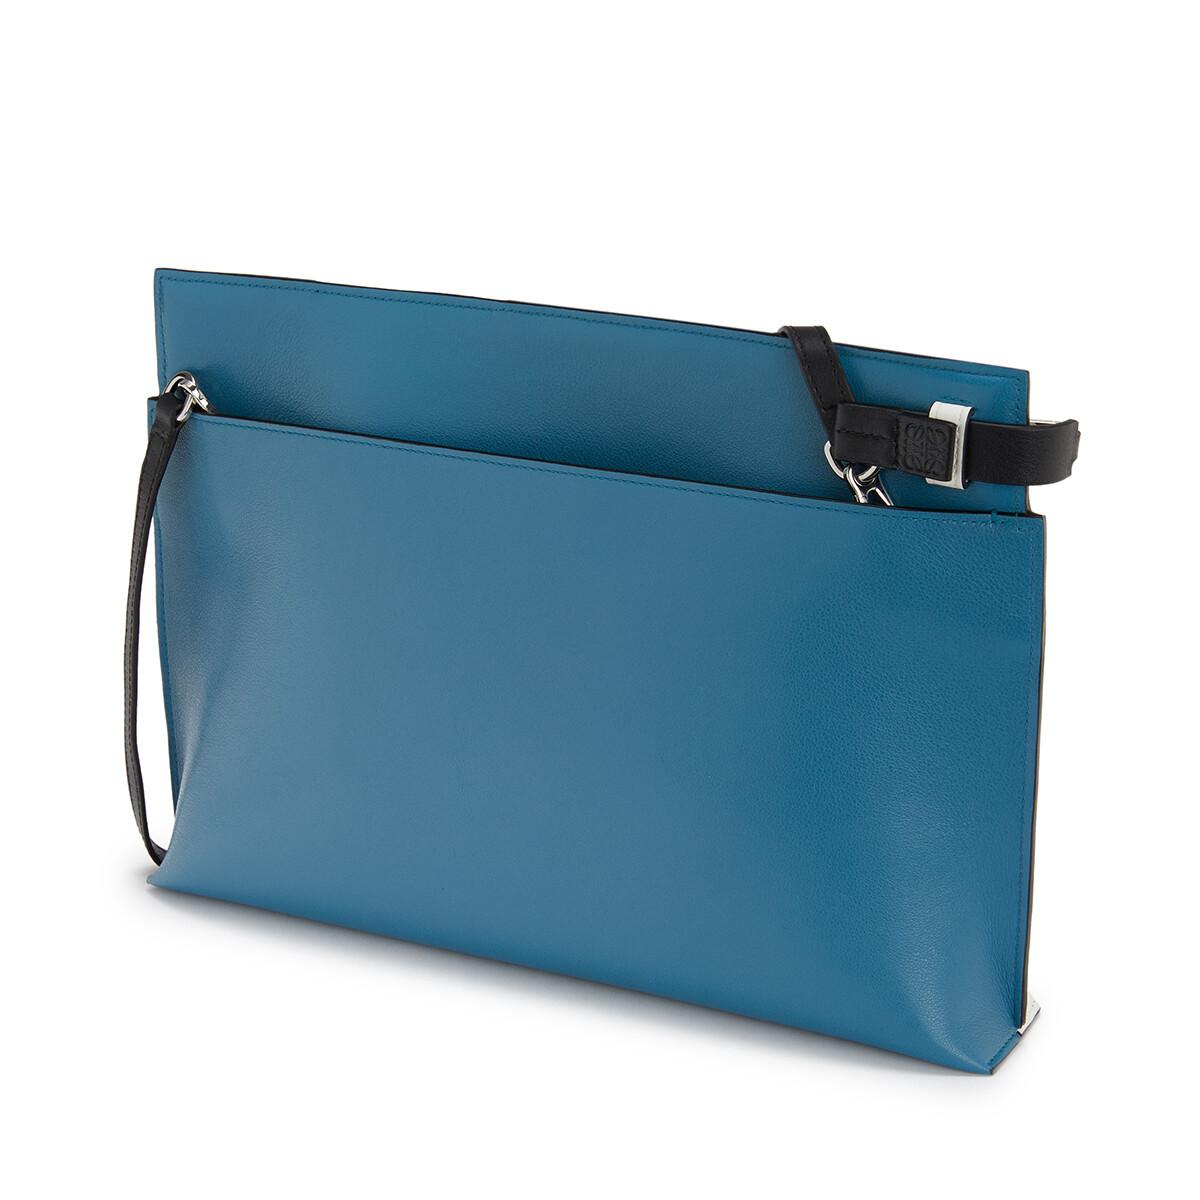 LOEWE T Pouch Cowboy Bag black/light blue front